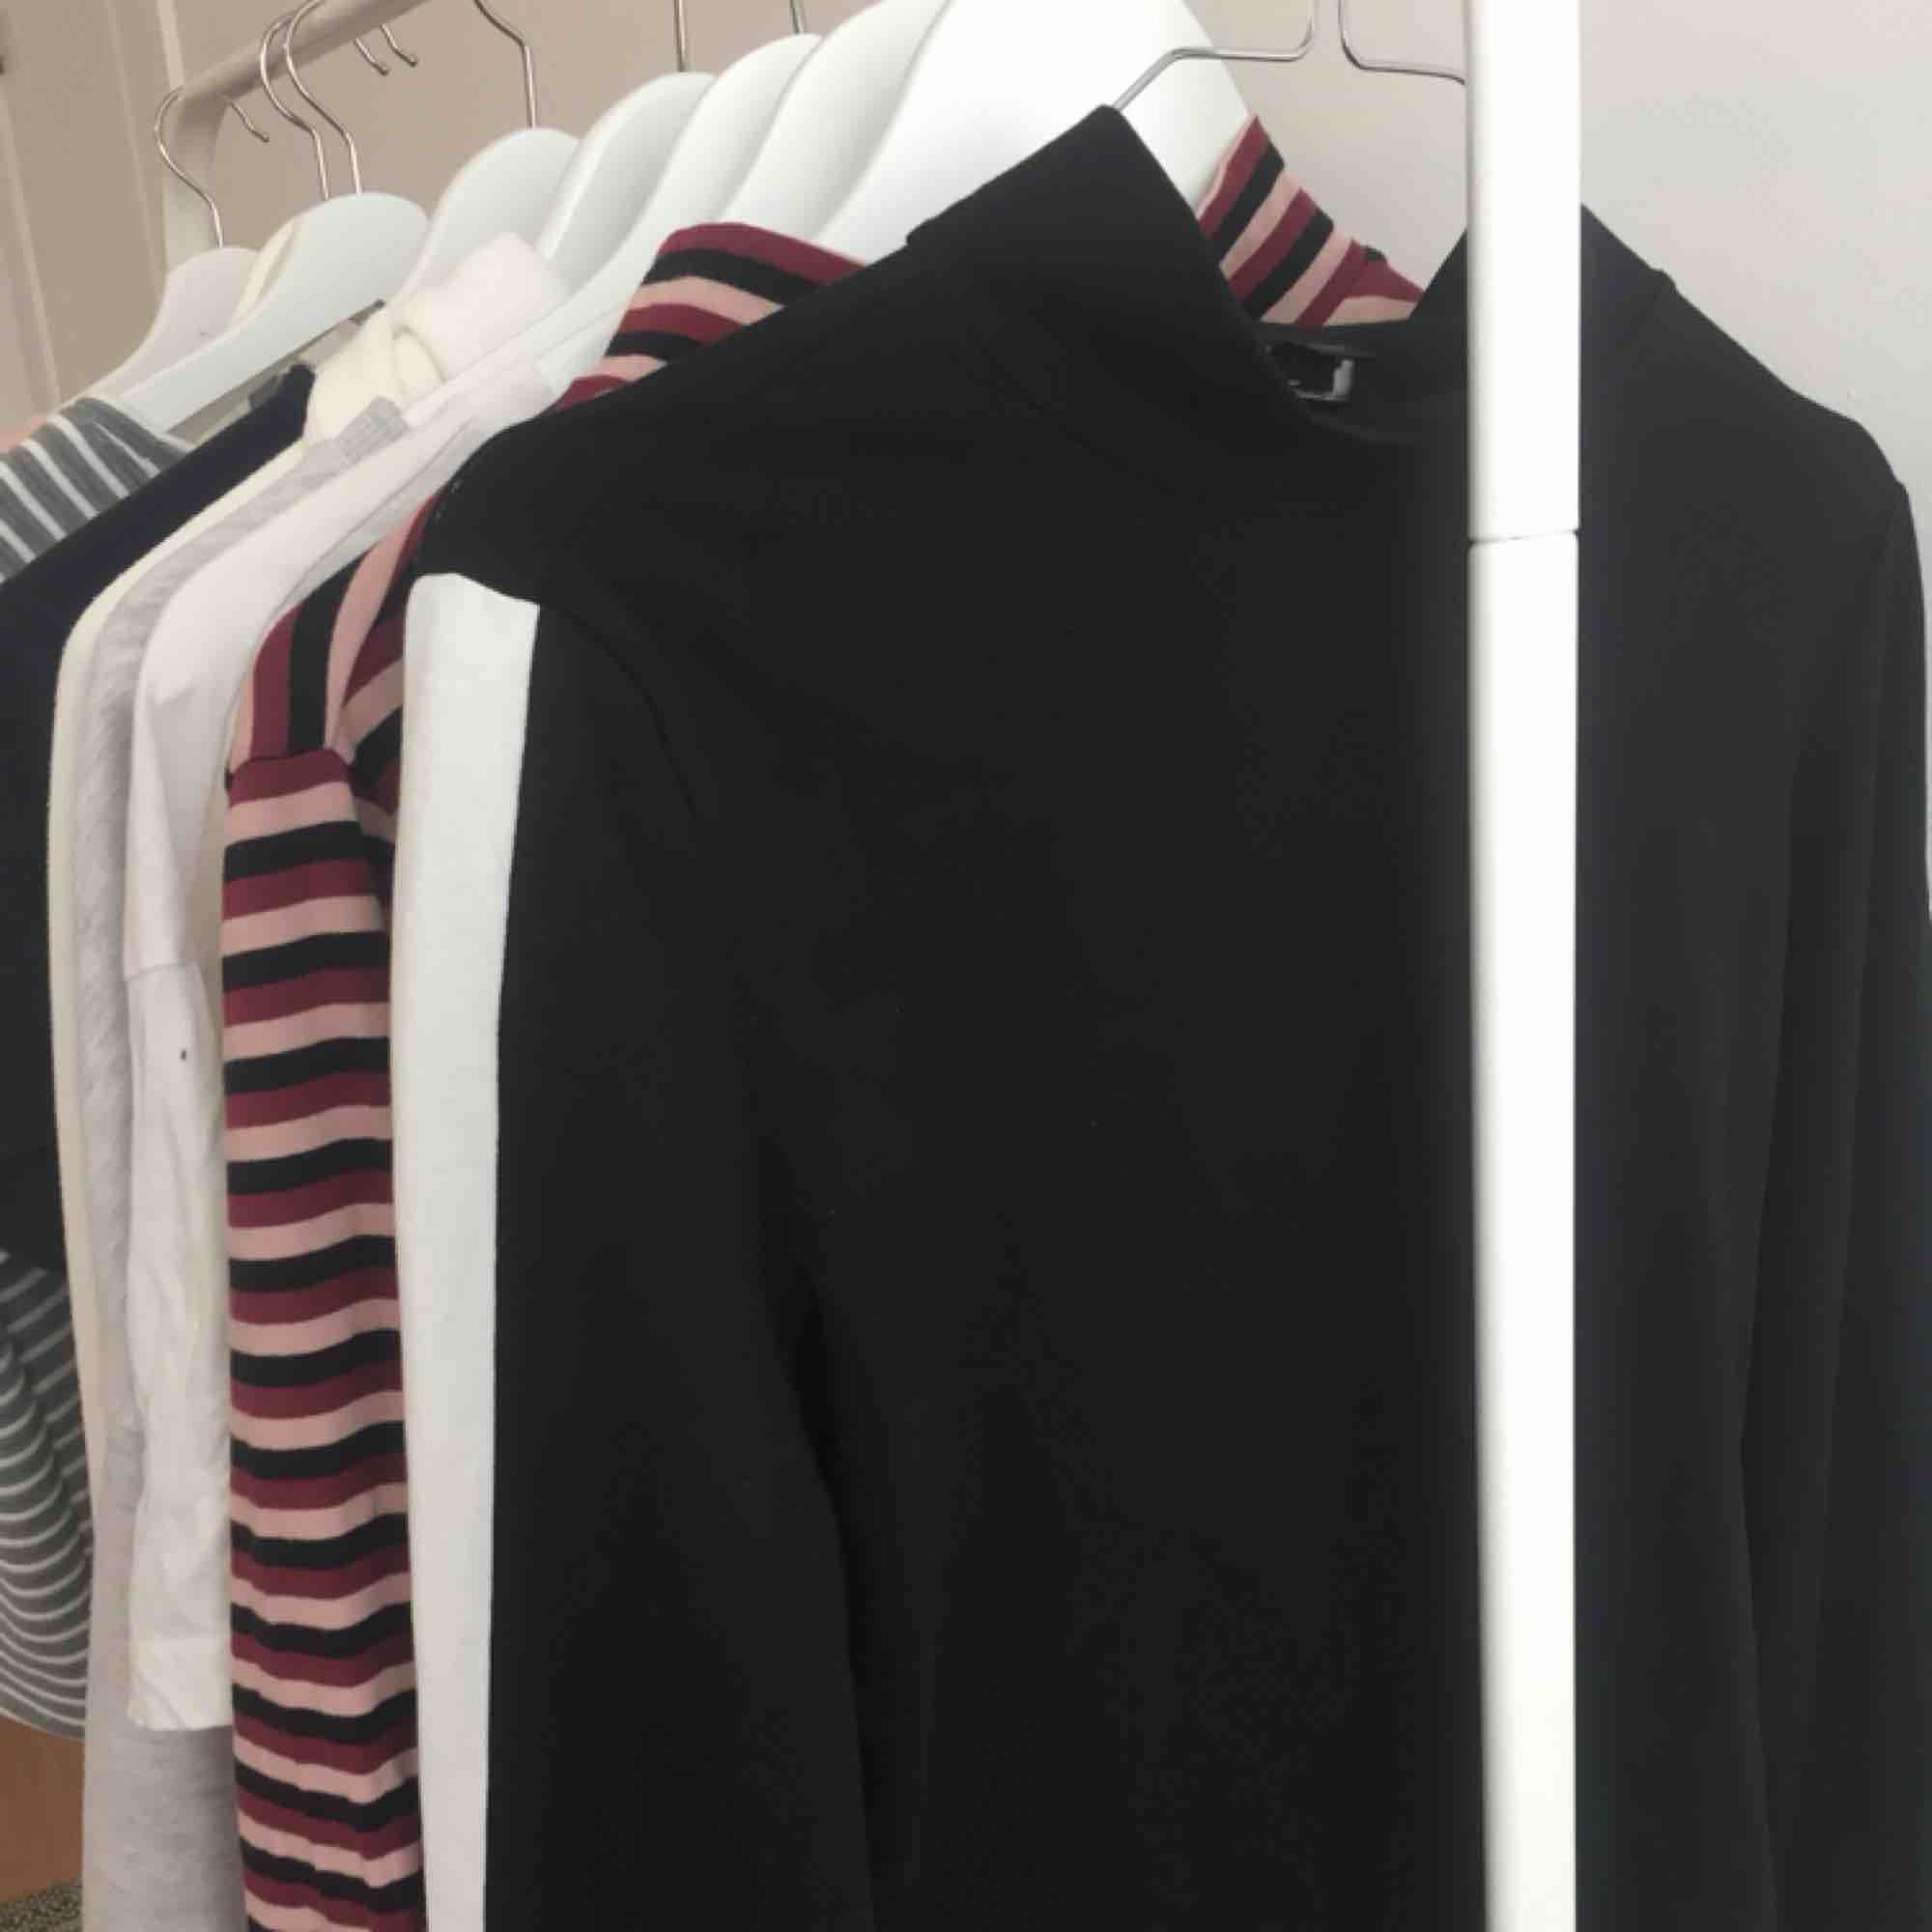 Jättefin svart tröja med vita ränder vid armen🥰🦋 Använd endast 2 gånger så den är i väldigt bra skick!💕. Tröjor & Koftor.